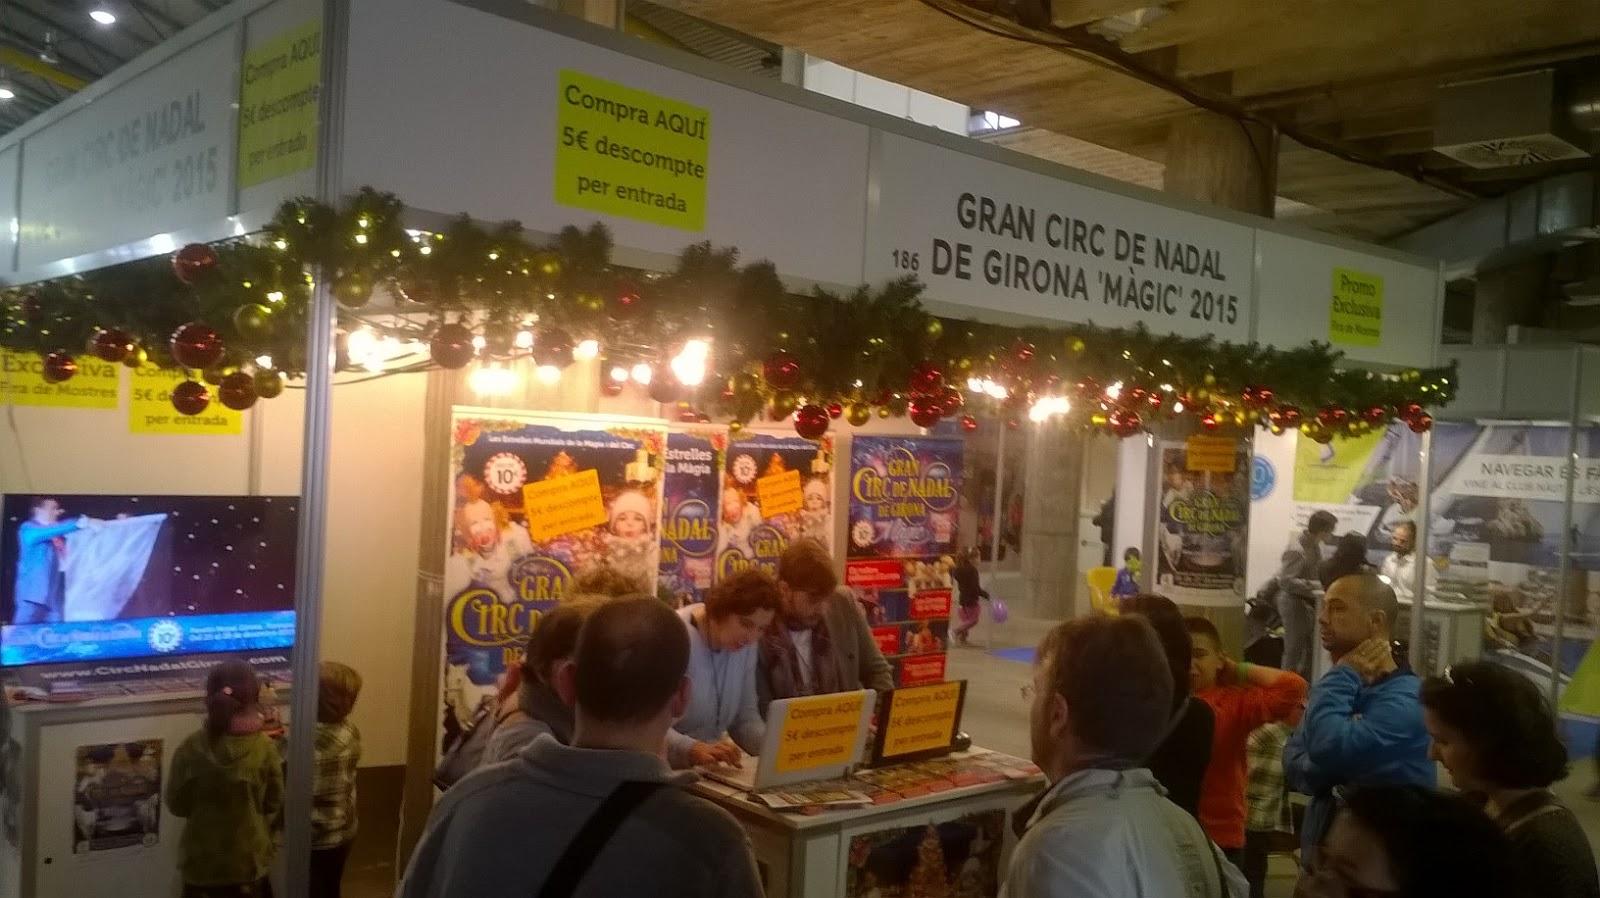 Burguscircus gran circ de nadal girona 2015 vente for Vente sur stand